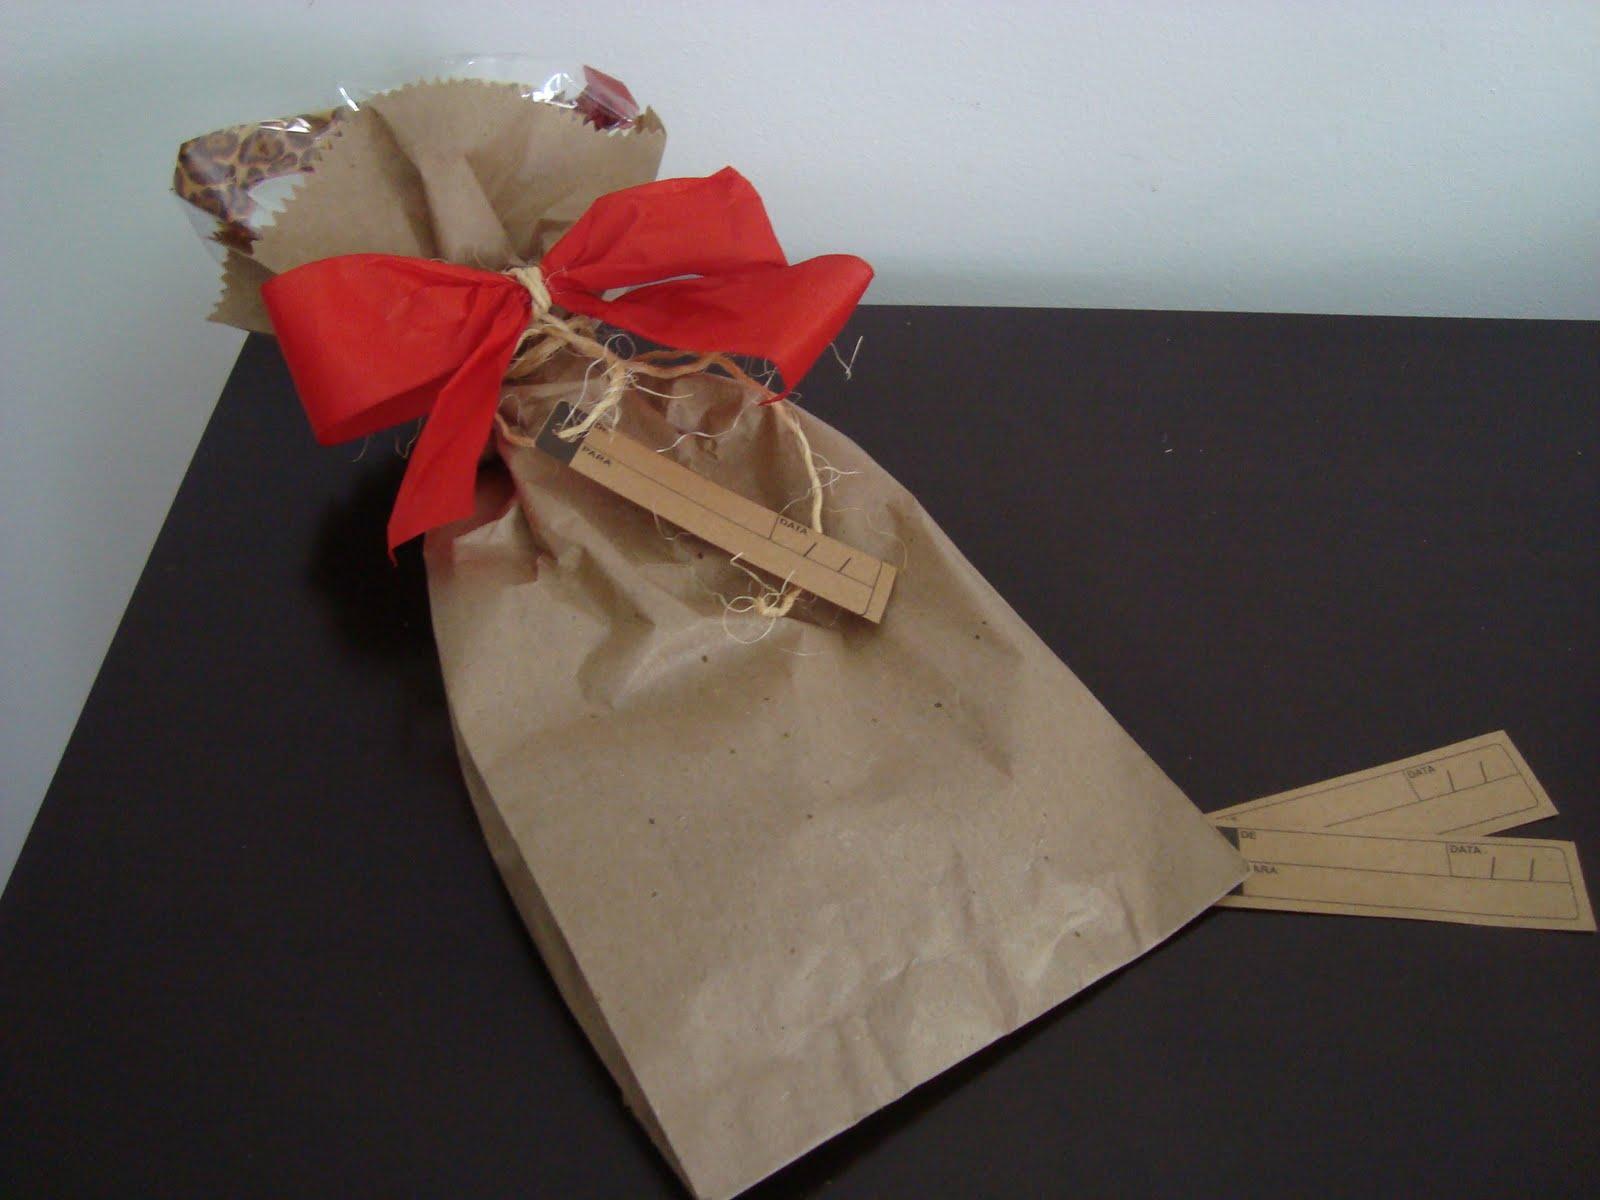 ventilador de teto Spirit - Blog Myspirit - embrulhar presentes - presentes para o Natal